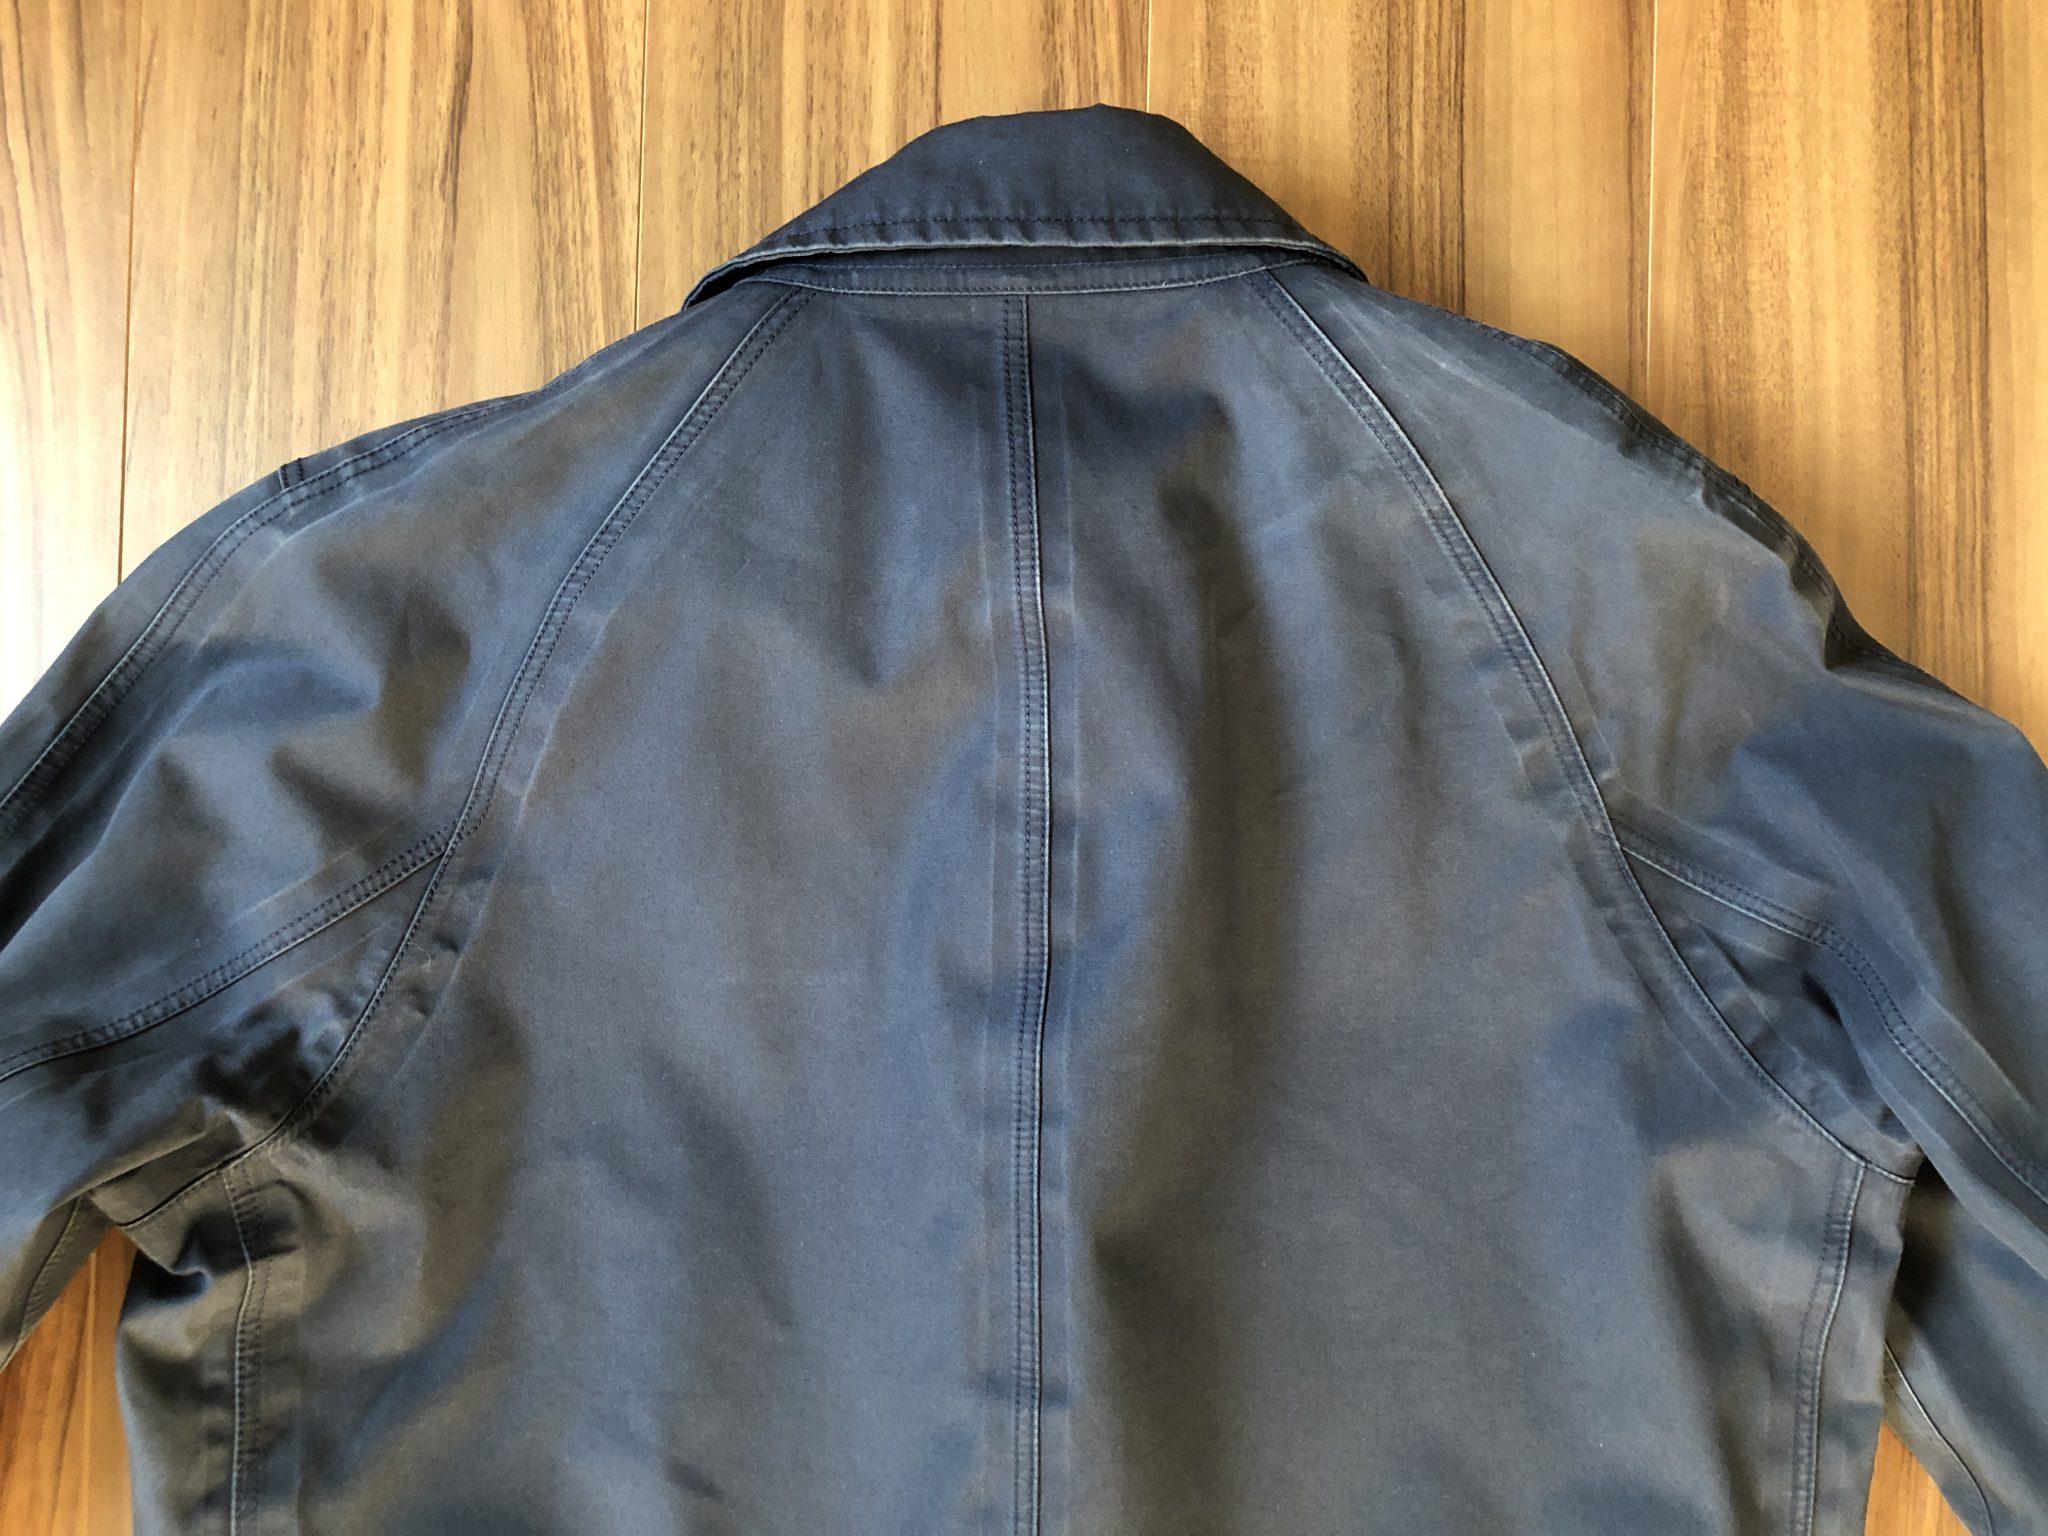 ナナミカ ゴアテックス ステンカラーコート nanamica GORE-TEX Soutien Collar Coat 3年目 洗濯後 エイジング 経年変化 背中